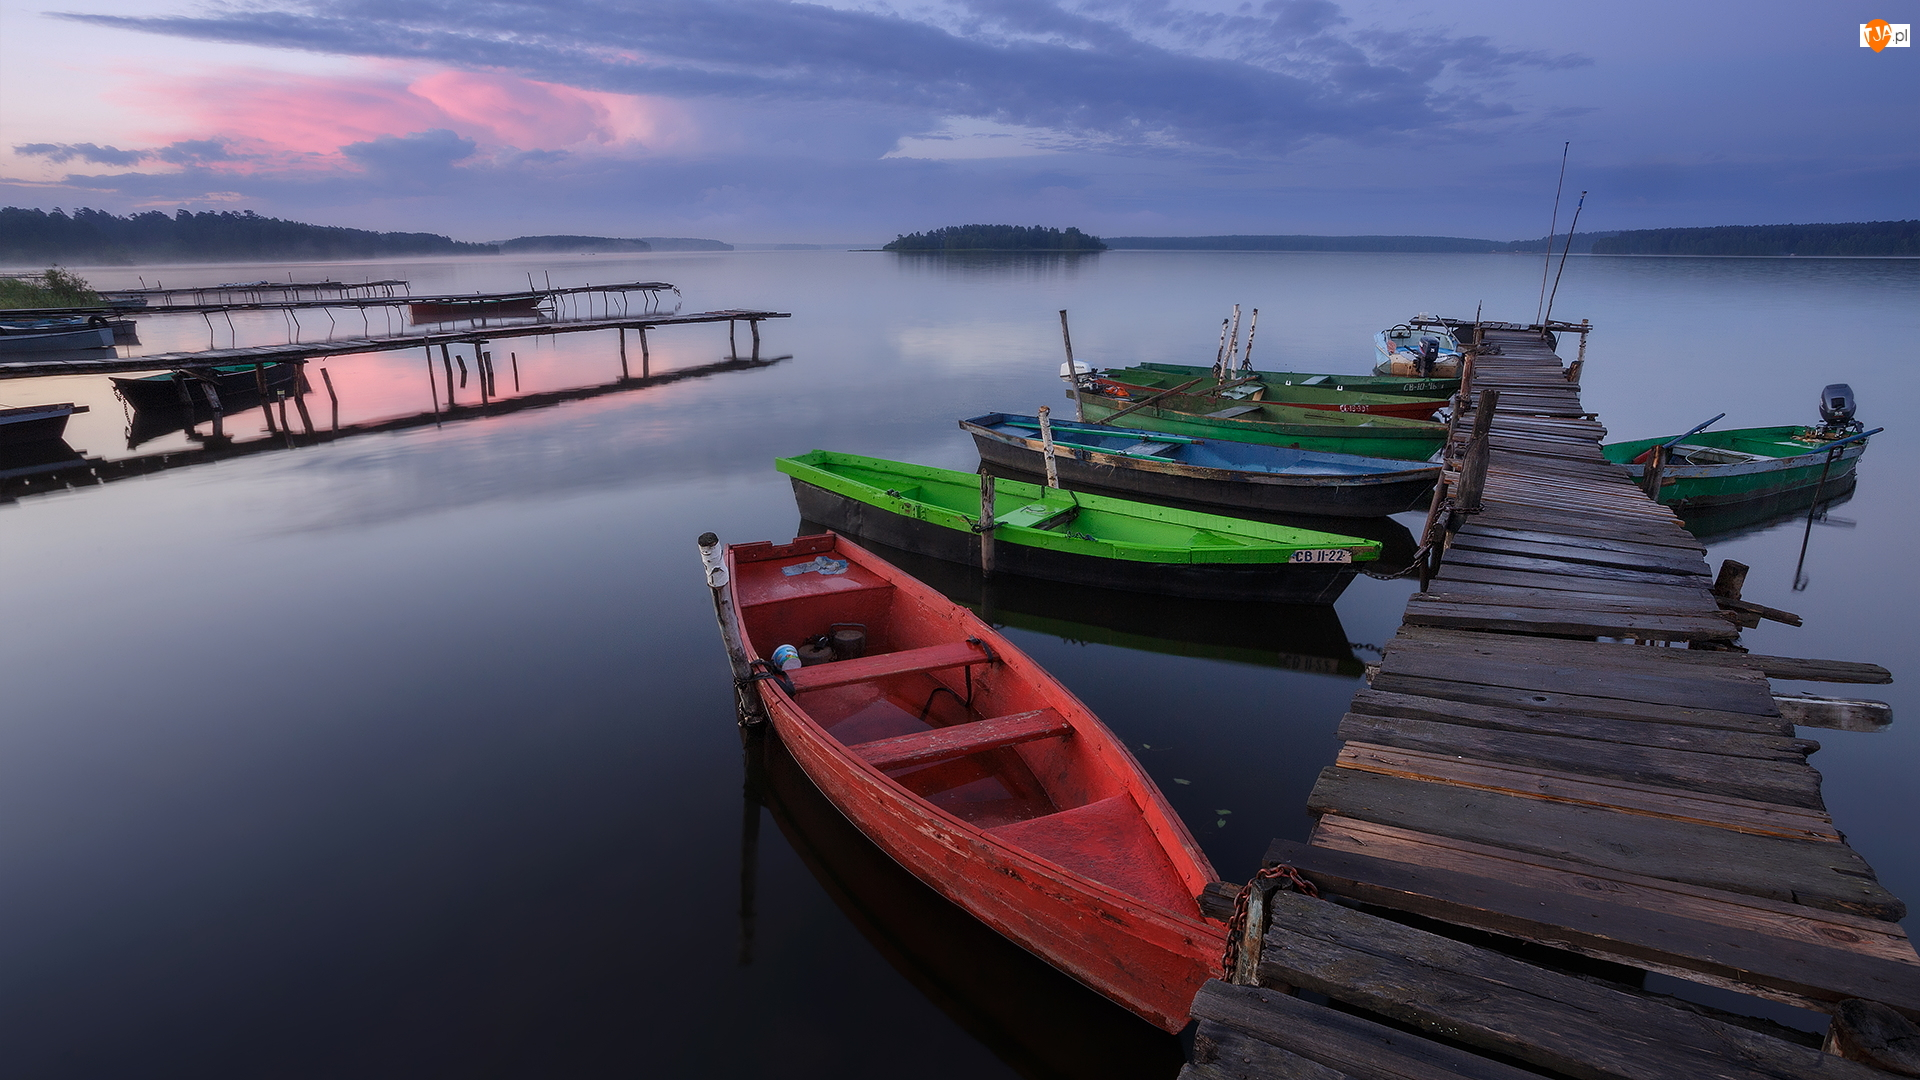 Łódki, Jezioro, Pomost, Kolorowe